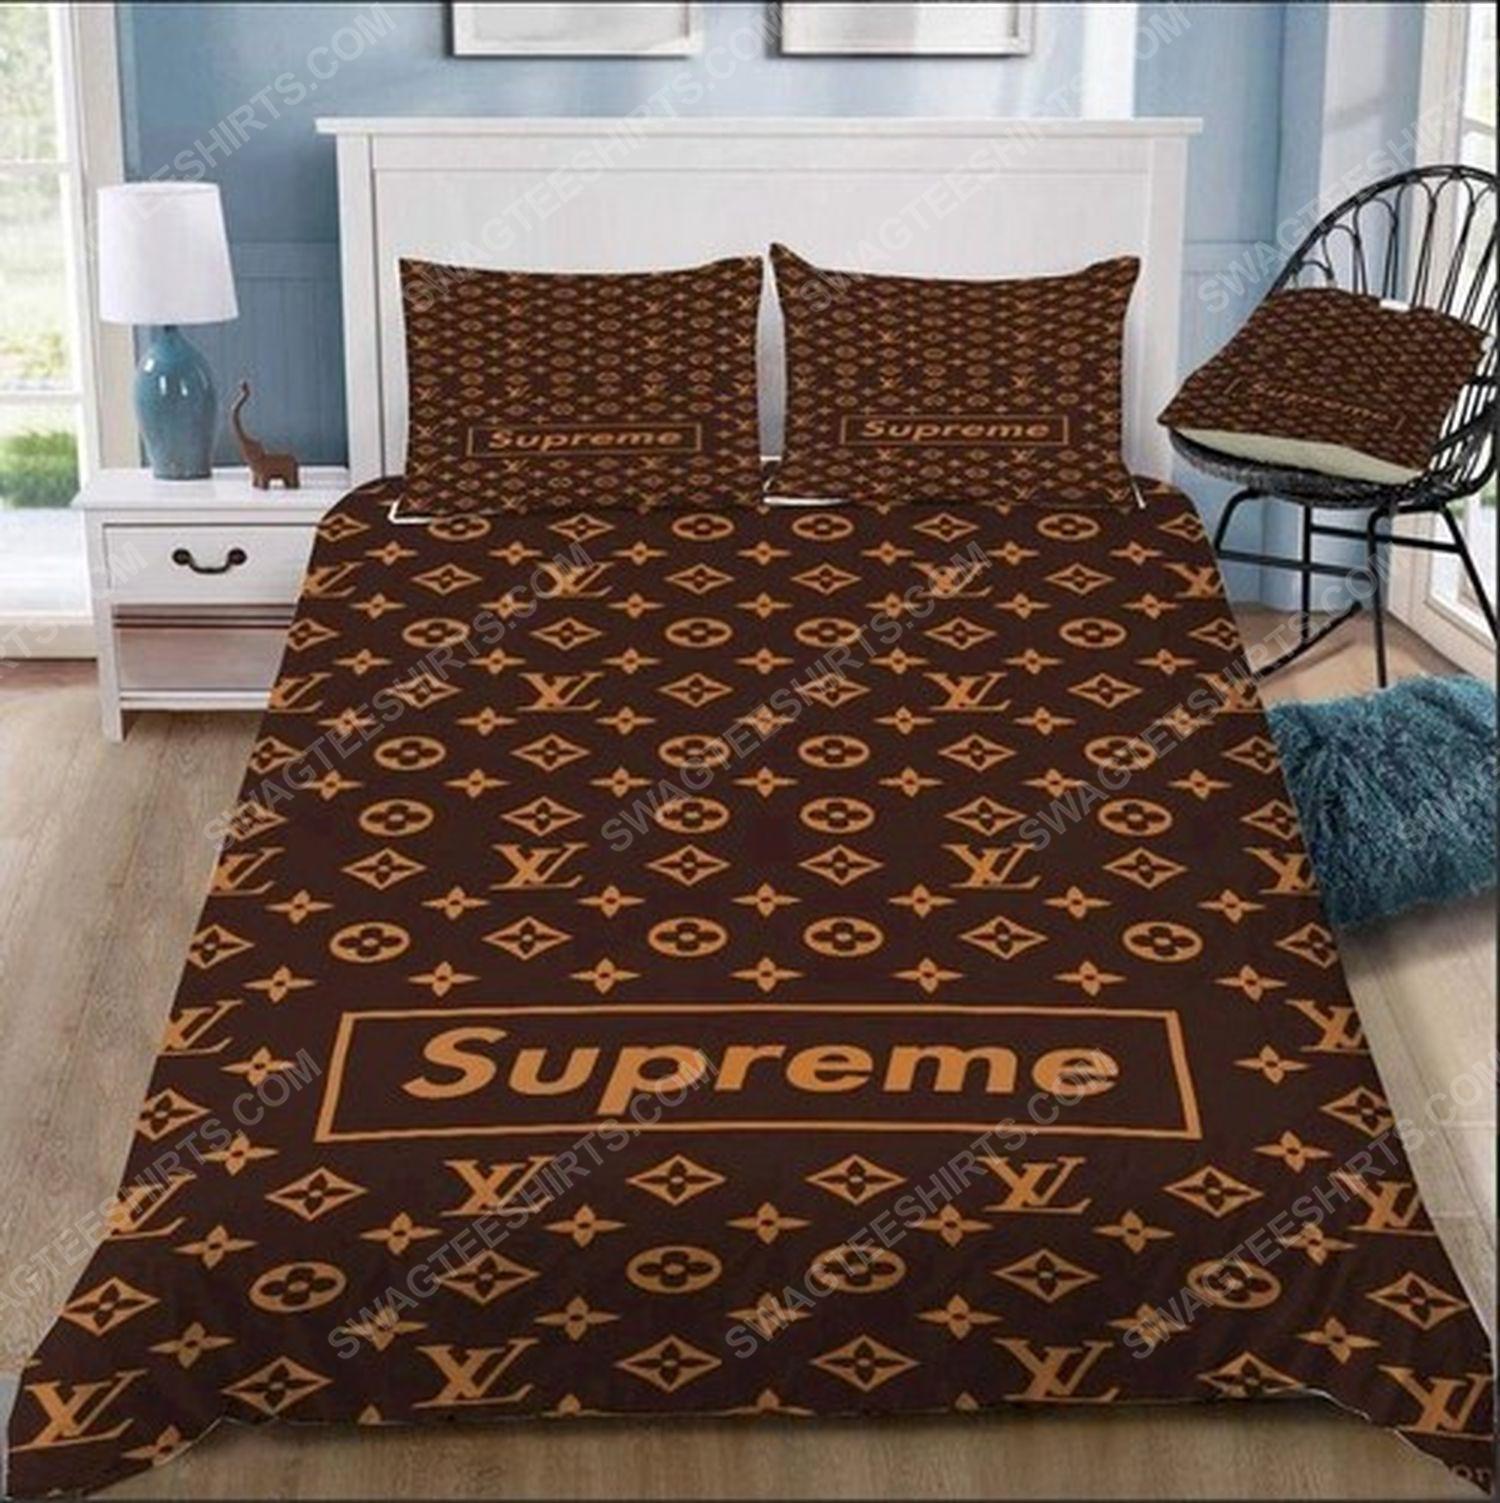 Lv monogram symbols full print duvet cover bedding set